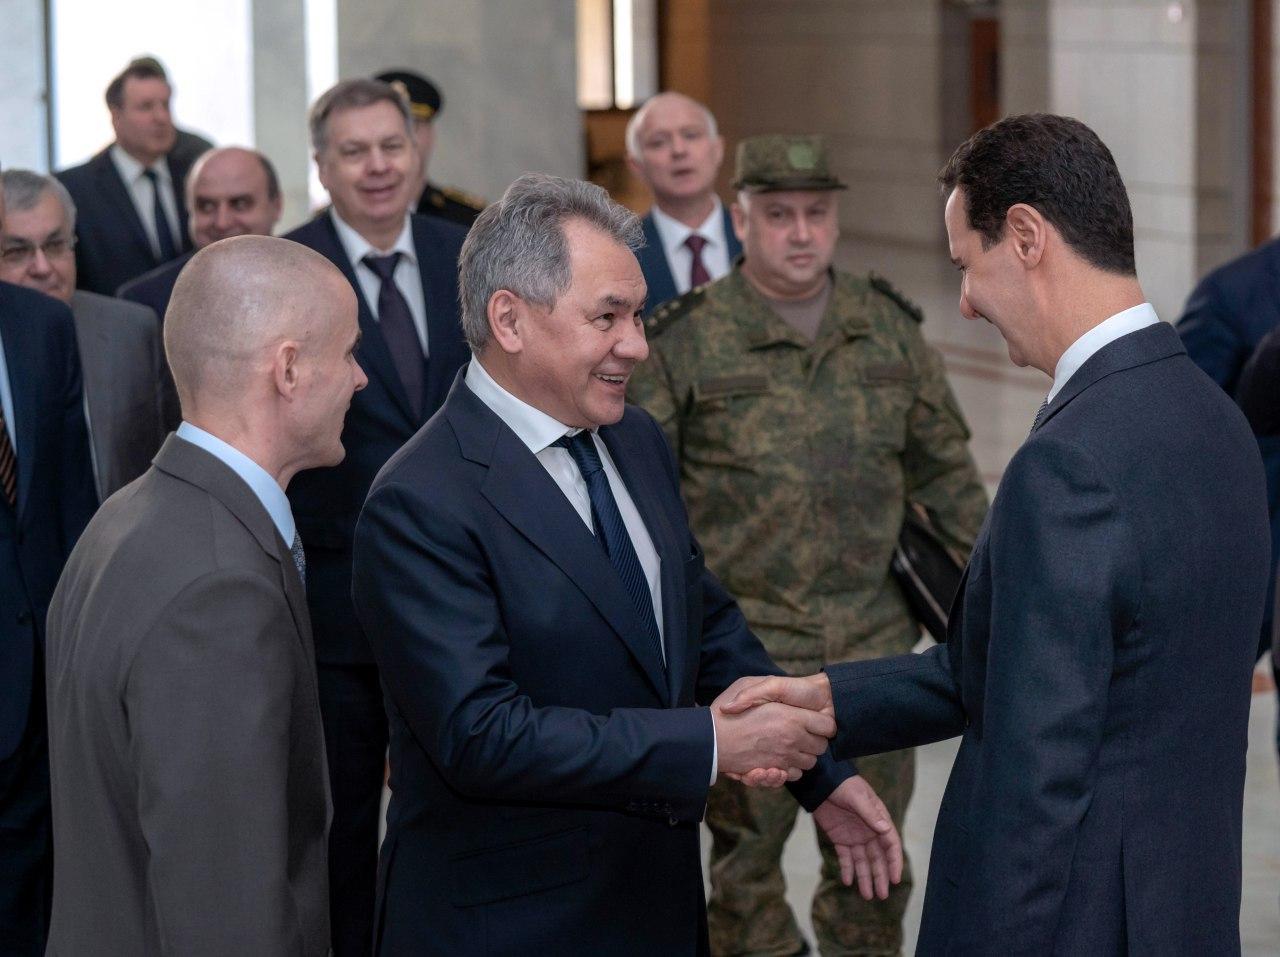 شويغو في مهمة عاجلة: الدائرة تضيق على بشار الأسد